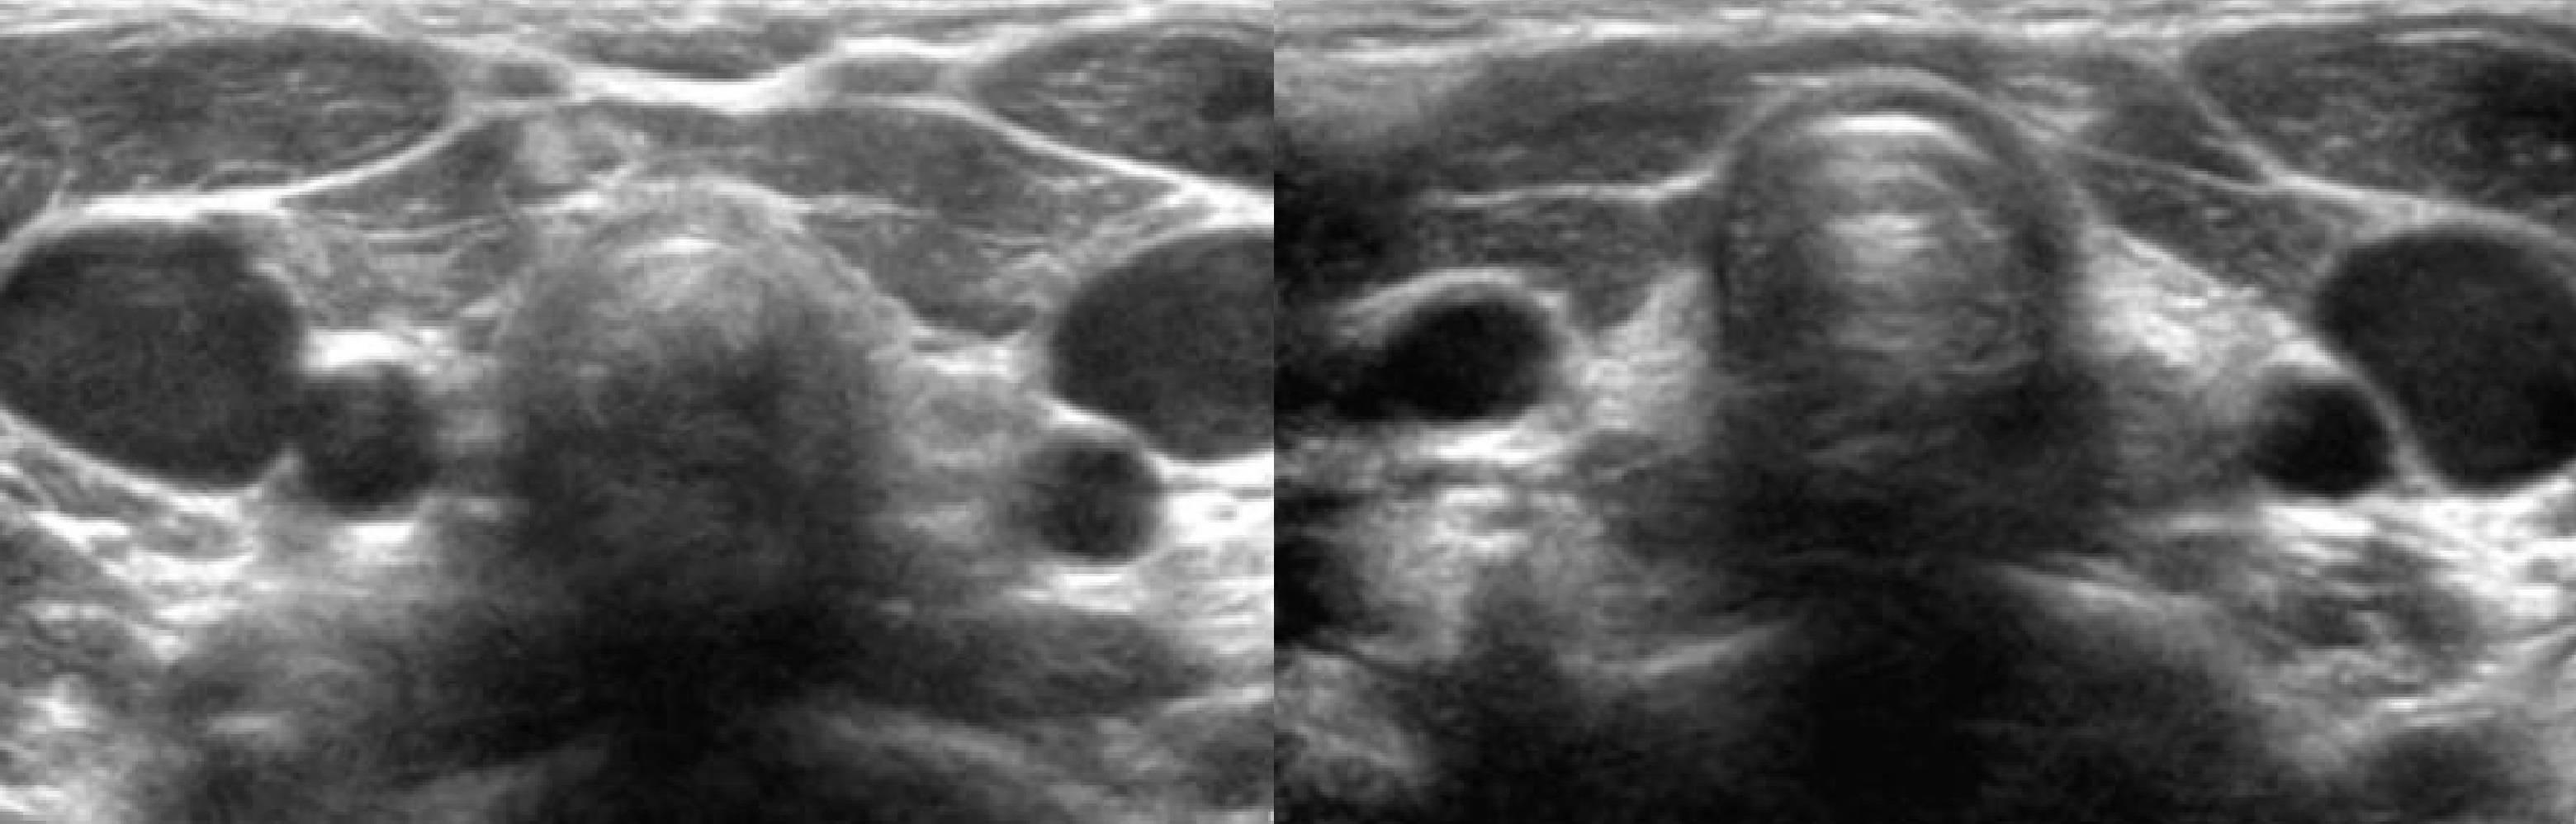 Лечение гипоплазия щитовидной железы что это такое как лечить